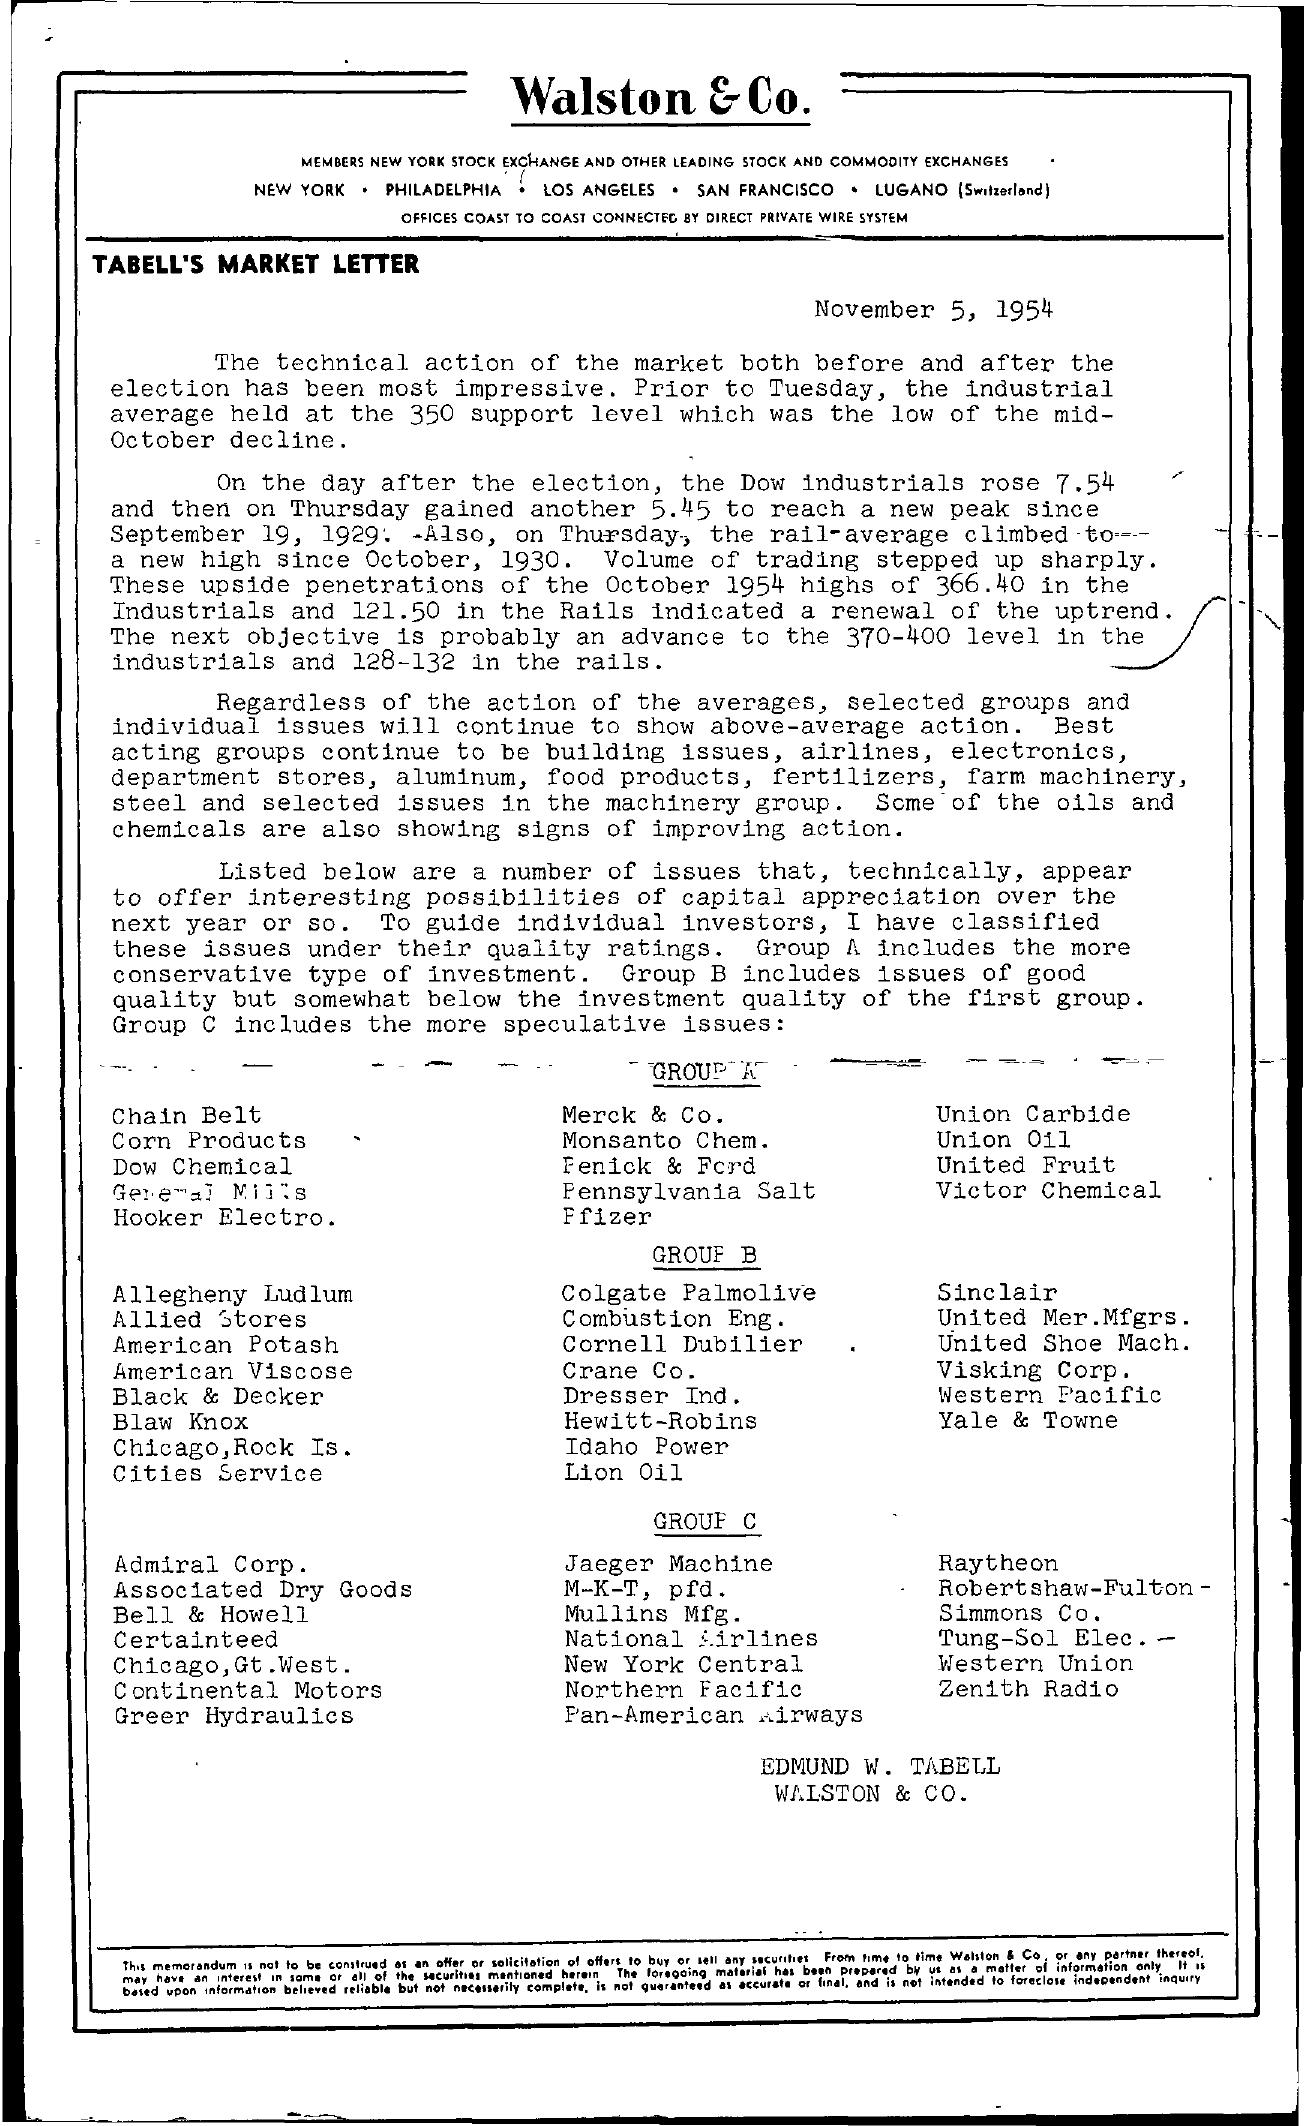 Tabell's Market Letter - November 05, 1954